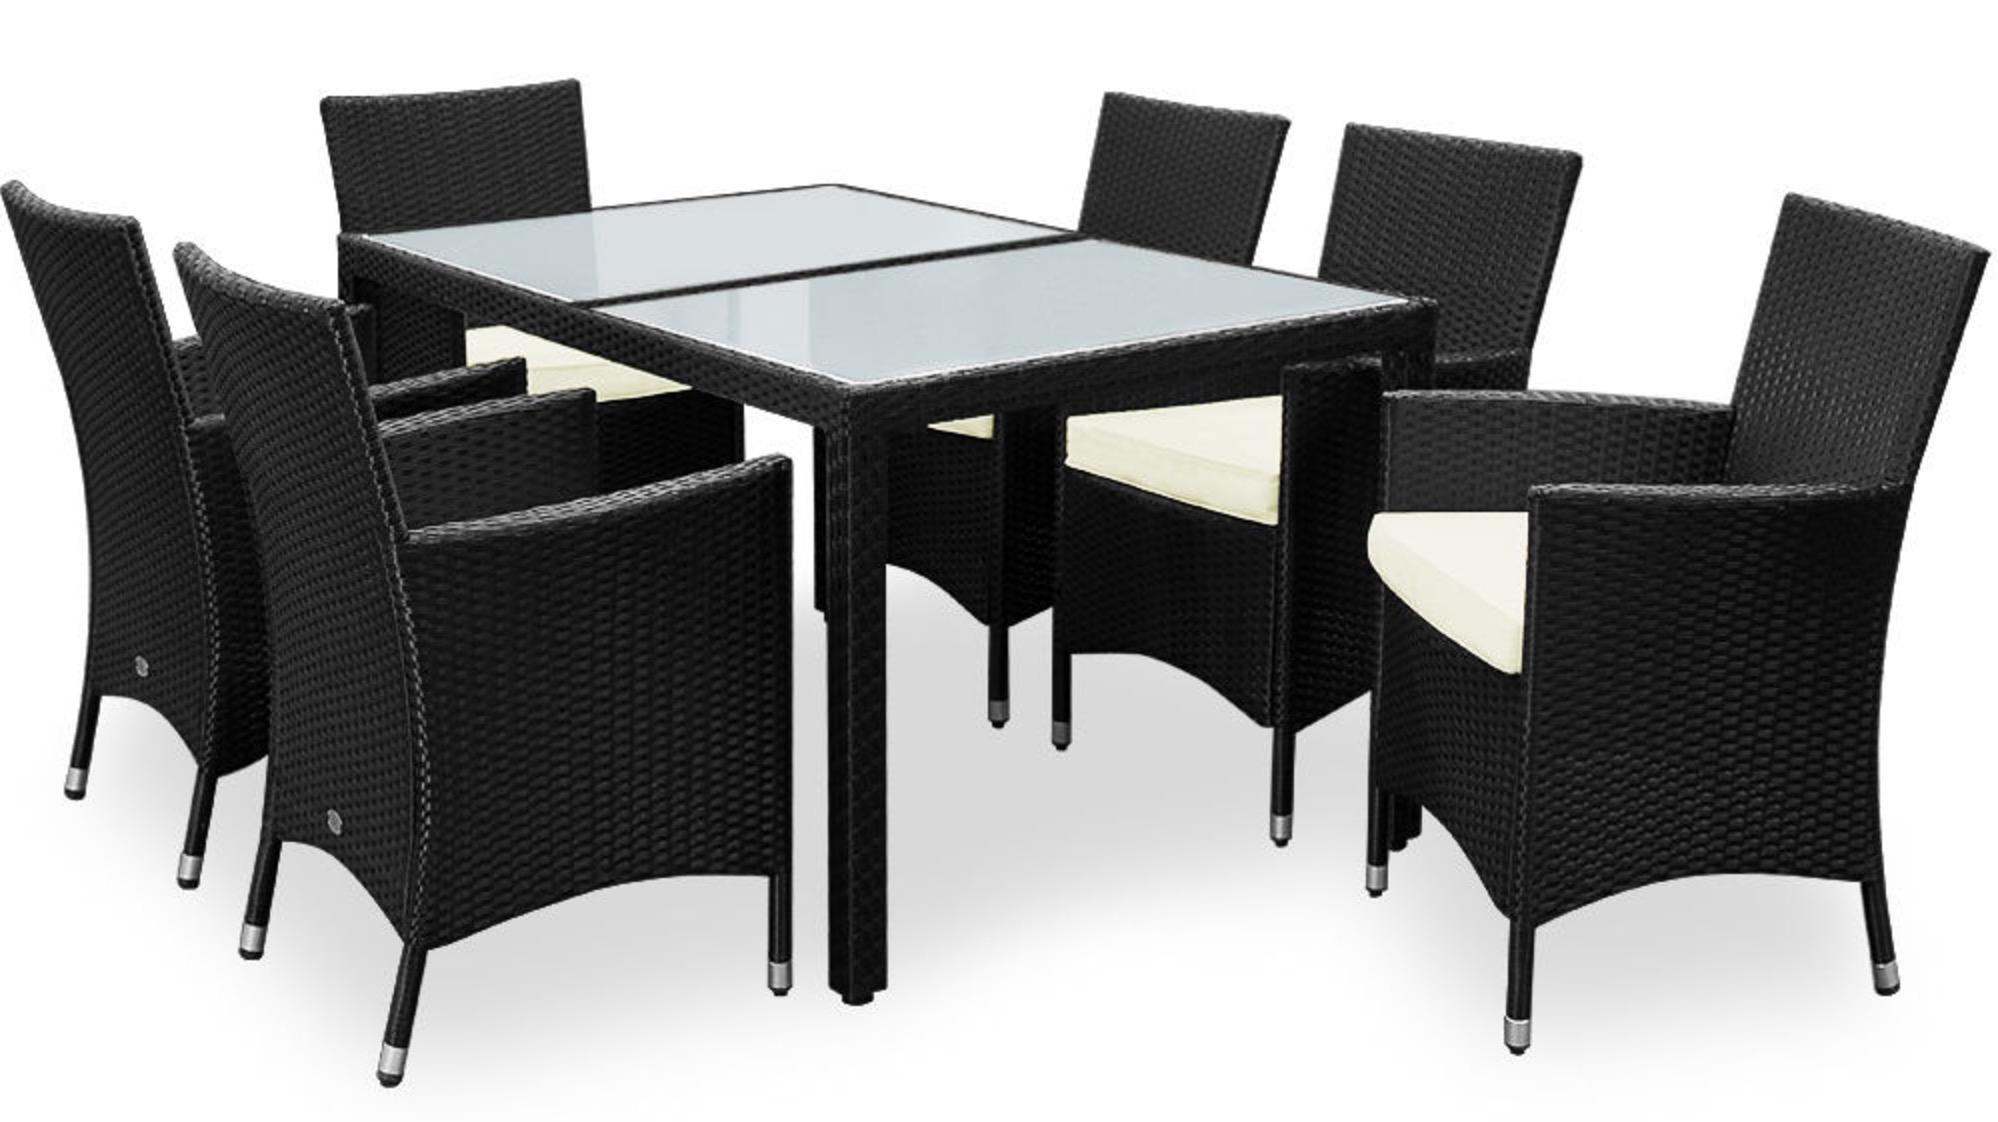 alu poly rattan garten sitzgruppe 1 tisch 6 st hle f r. Black Bedroom Furniture Sets. Home Design Ideas